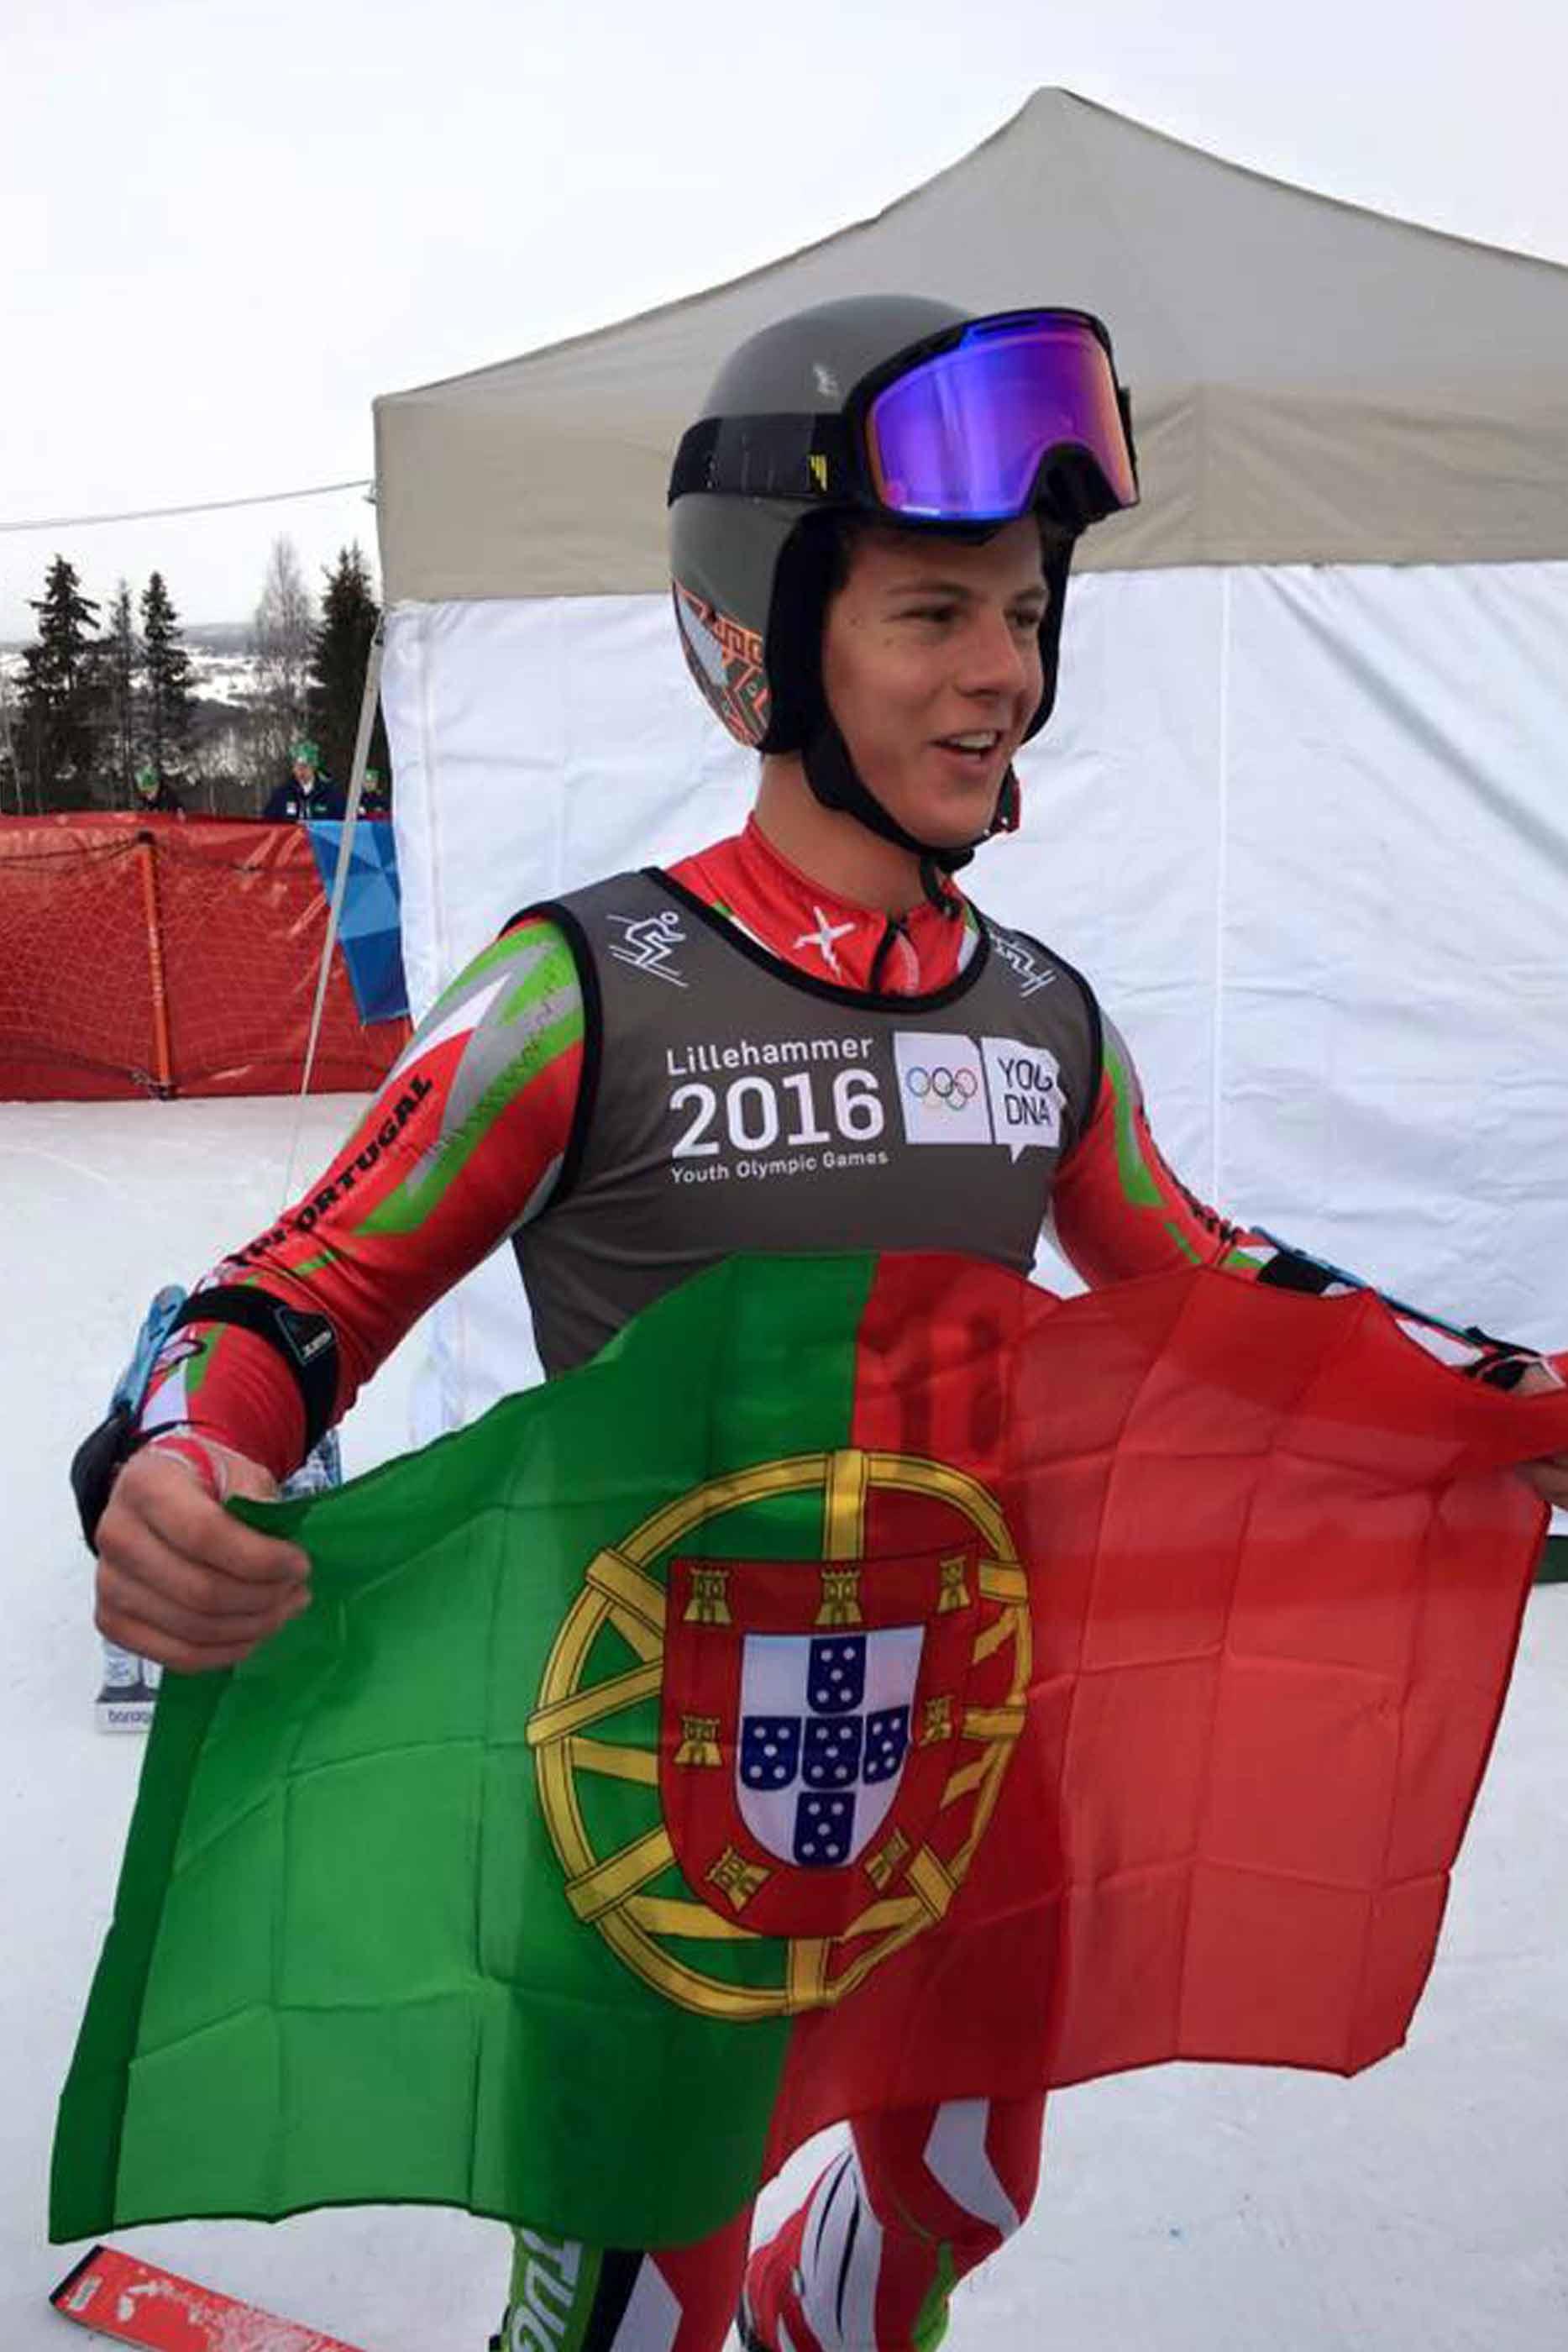 Atleta português, após a prova no Festival Olímpico da Juventude Europeia, em 2016, a segurar a bandeira de Portugal.